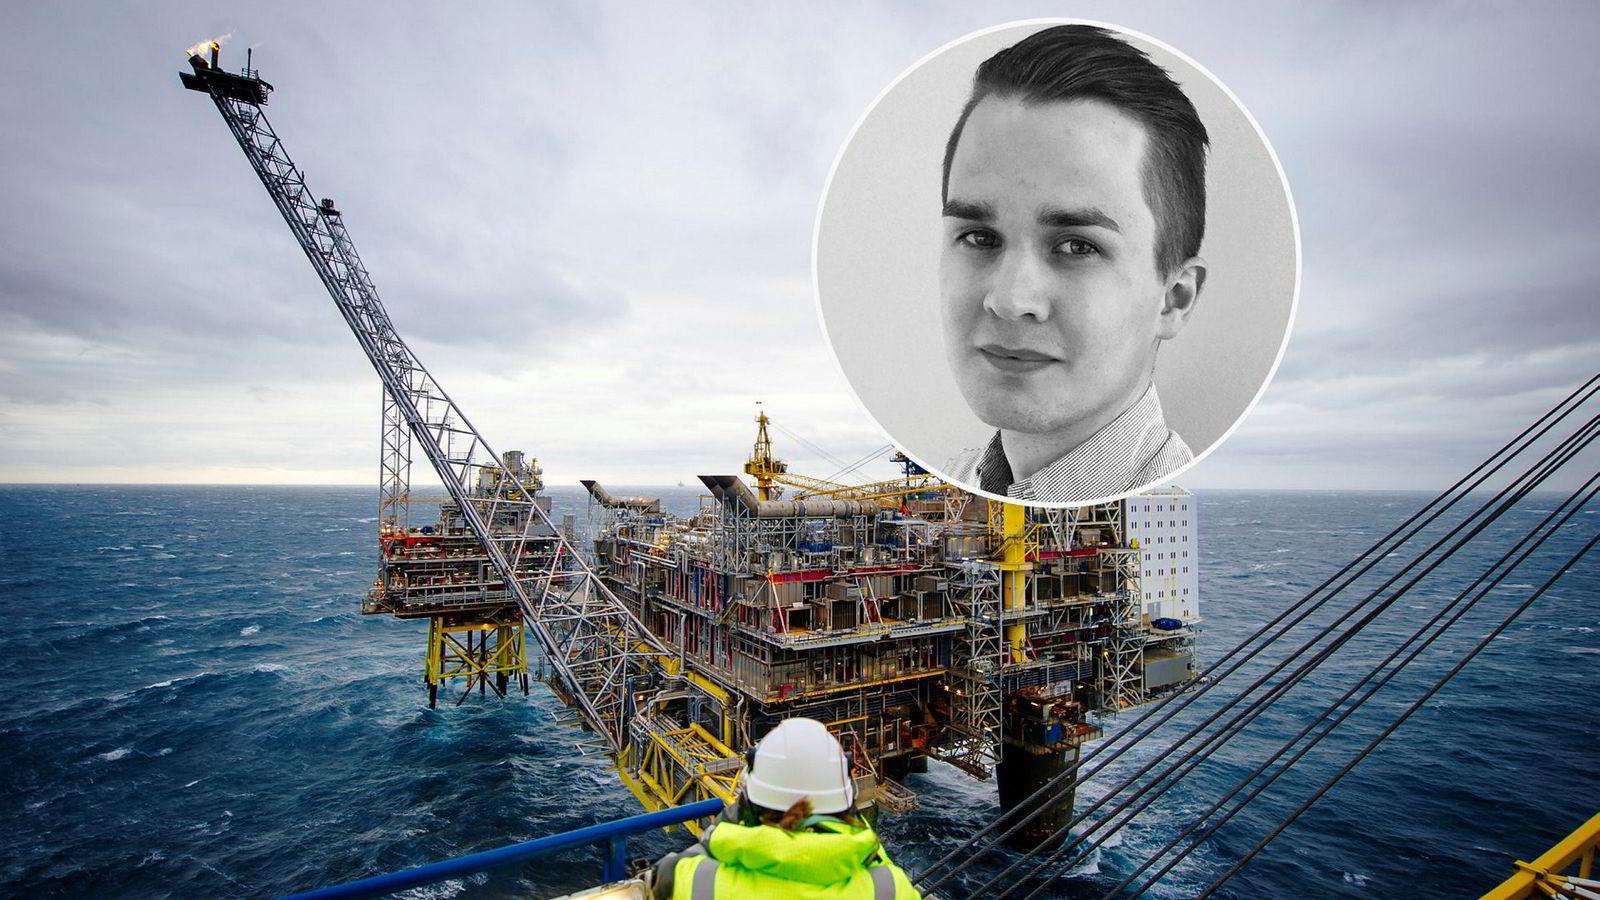 Kompetansen og teknologien i oljebransjen er bredt sammensatt og svært avansert. Det er derfor pussig av Saltvedt å hevde at svake søkertall til Norges mest avanserte næring er en styrke for et grønt skifte og nye energimarkeder.